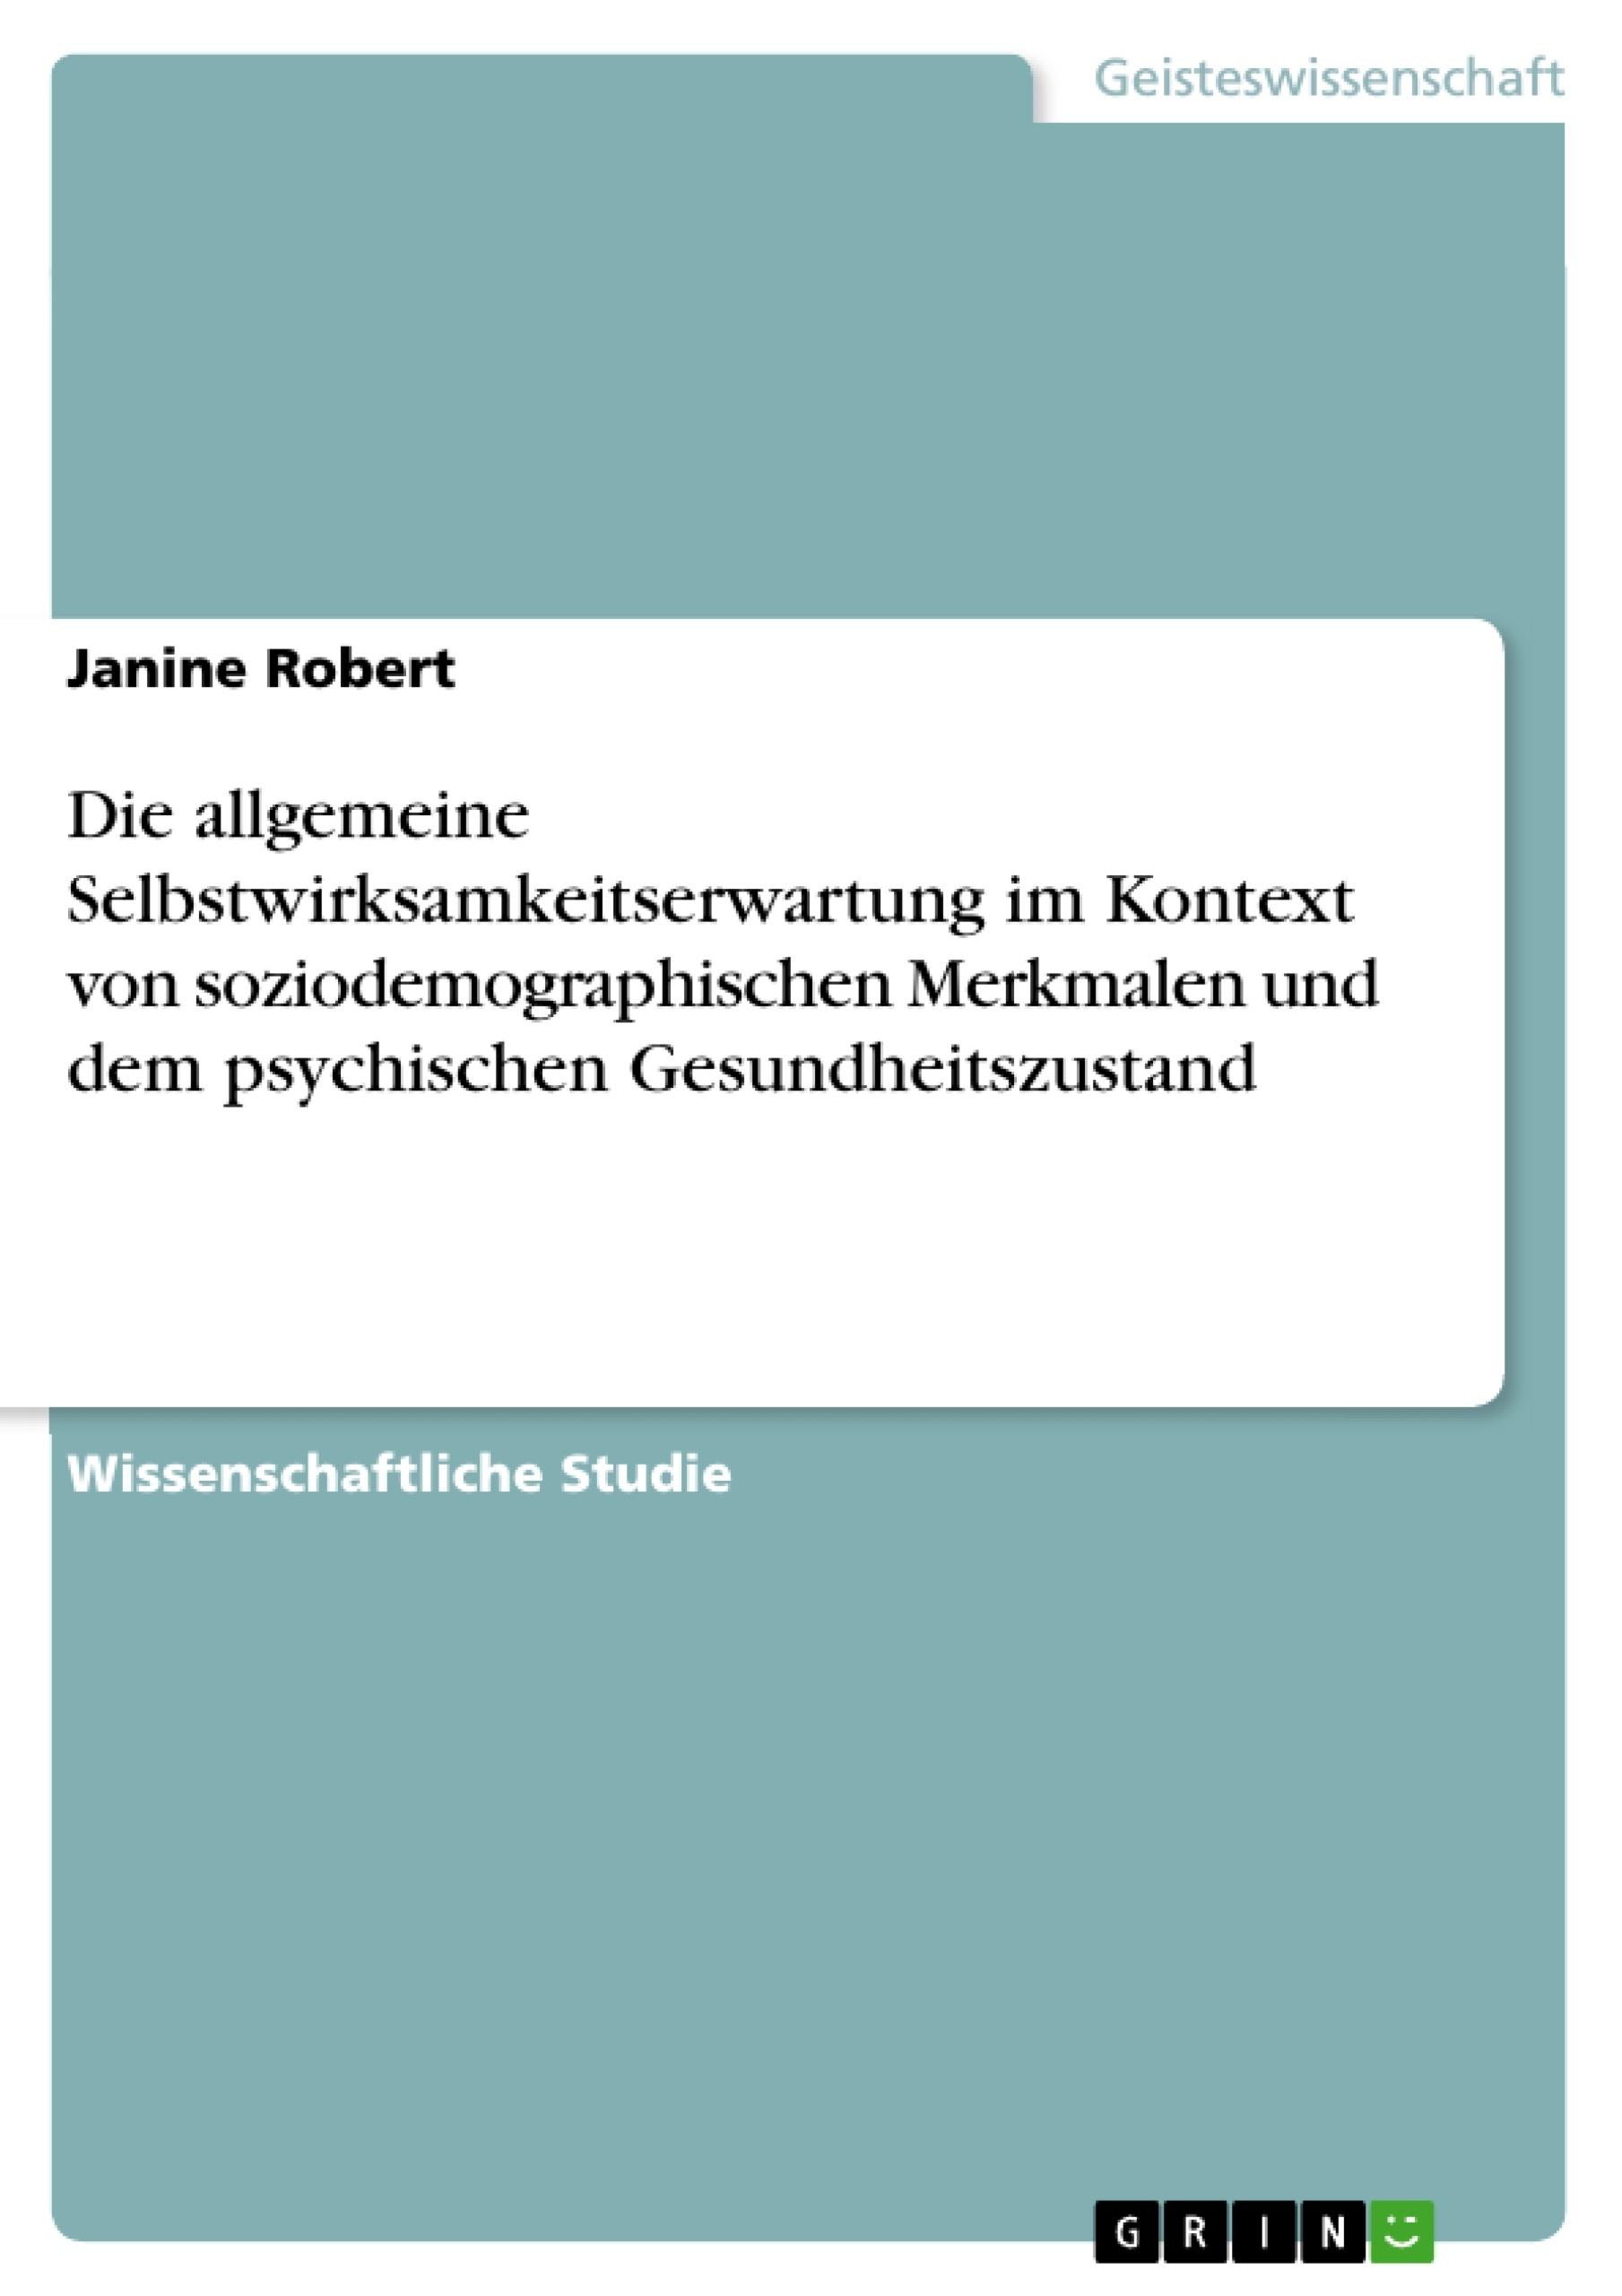 Titel: Die allgemeine Selbstwirksamkeitserwartung im Kontext von soziodemographischen Merkmalen und dem psychischen Gesundheitszustand